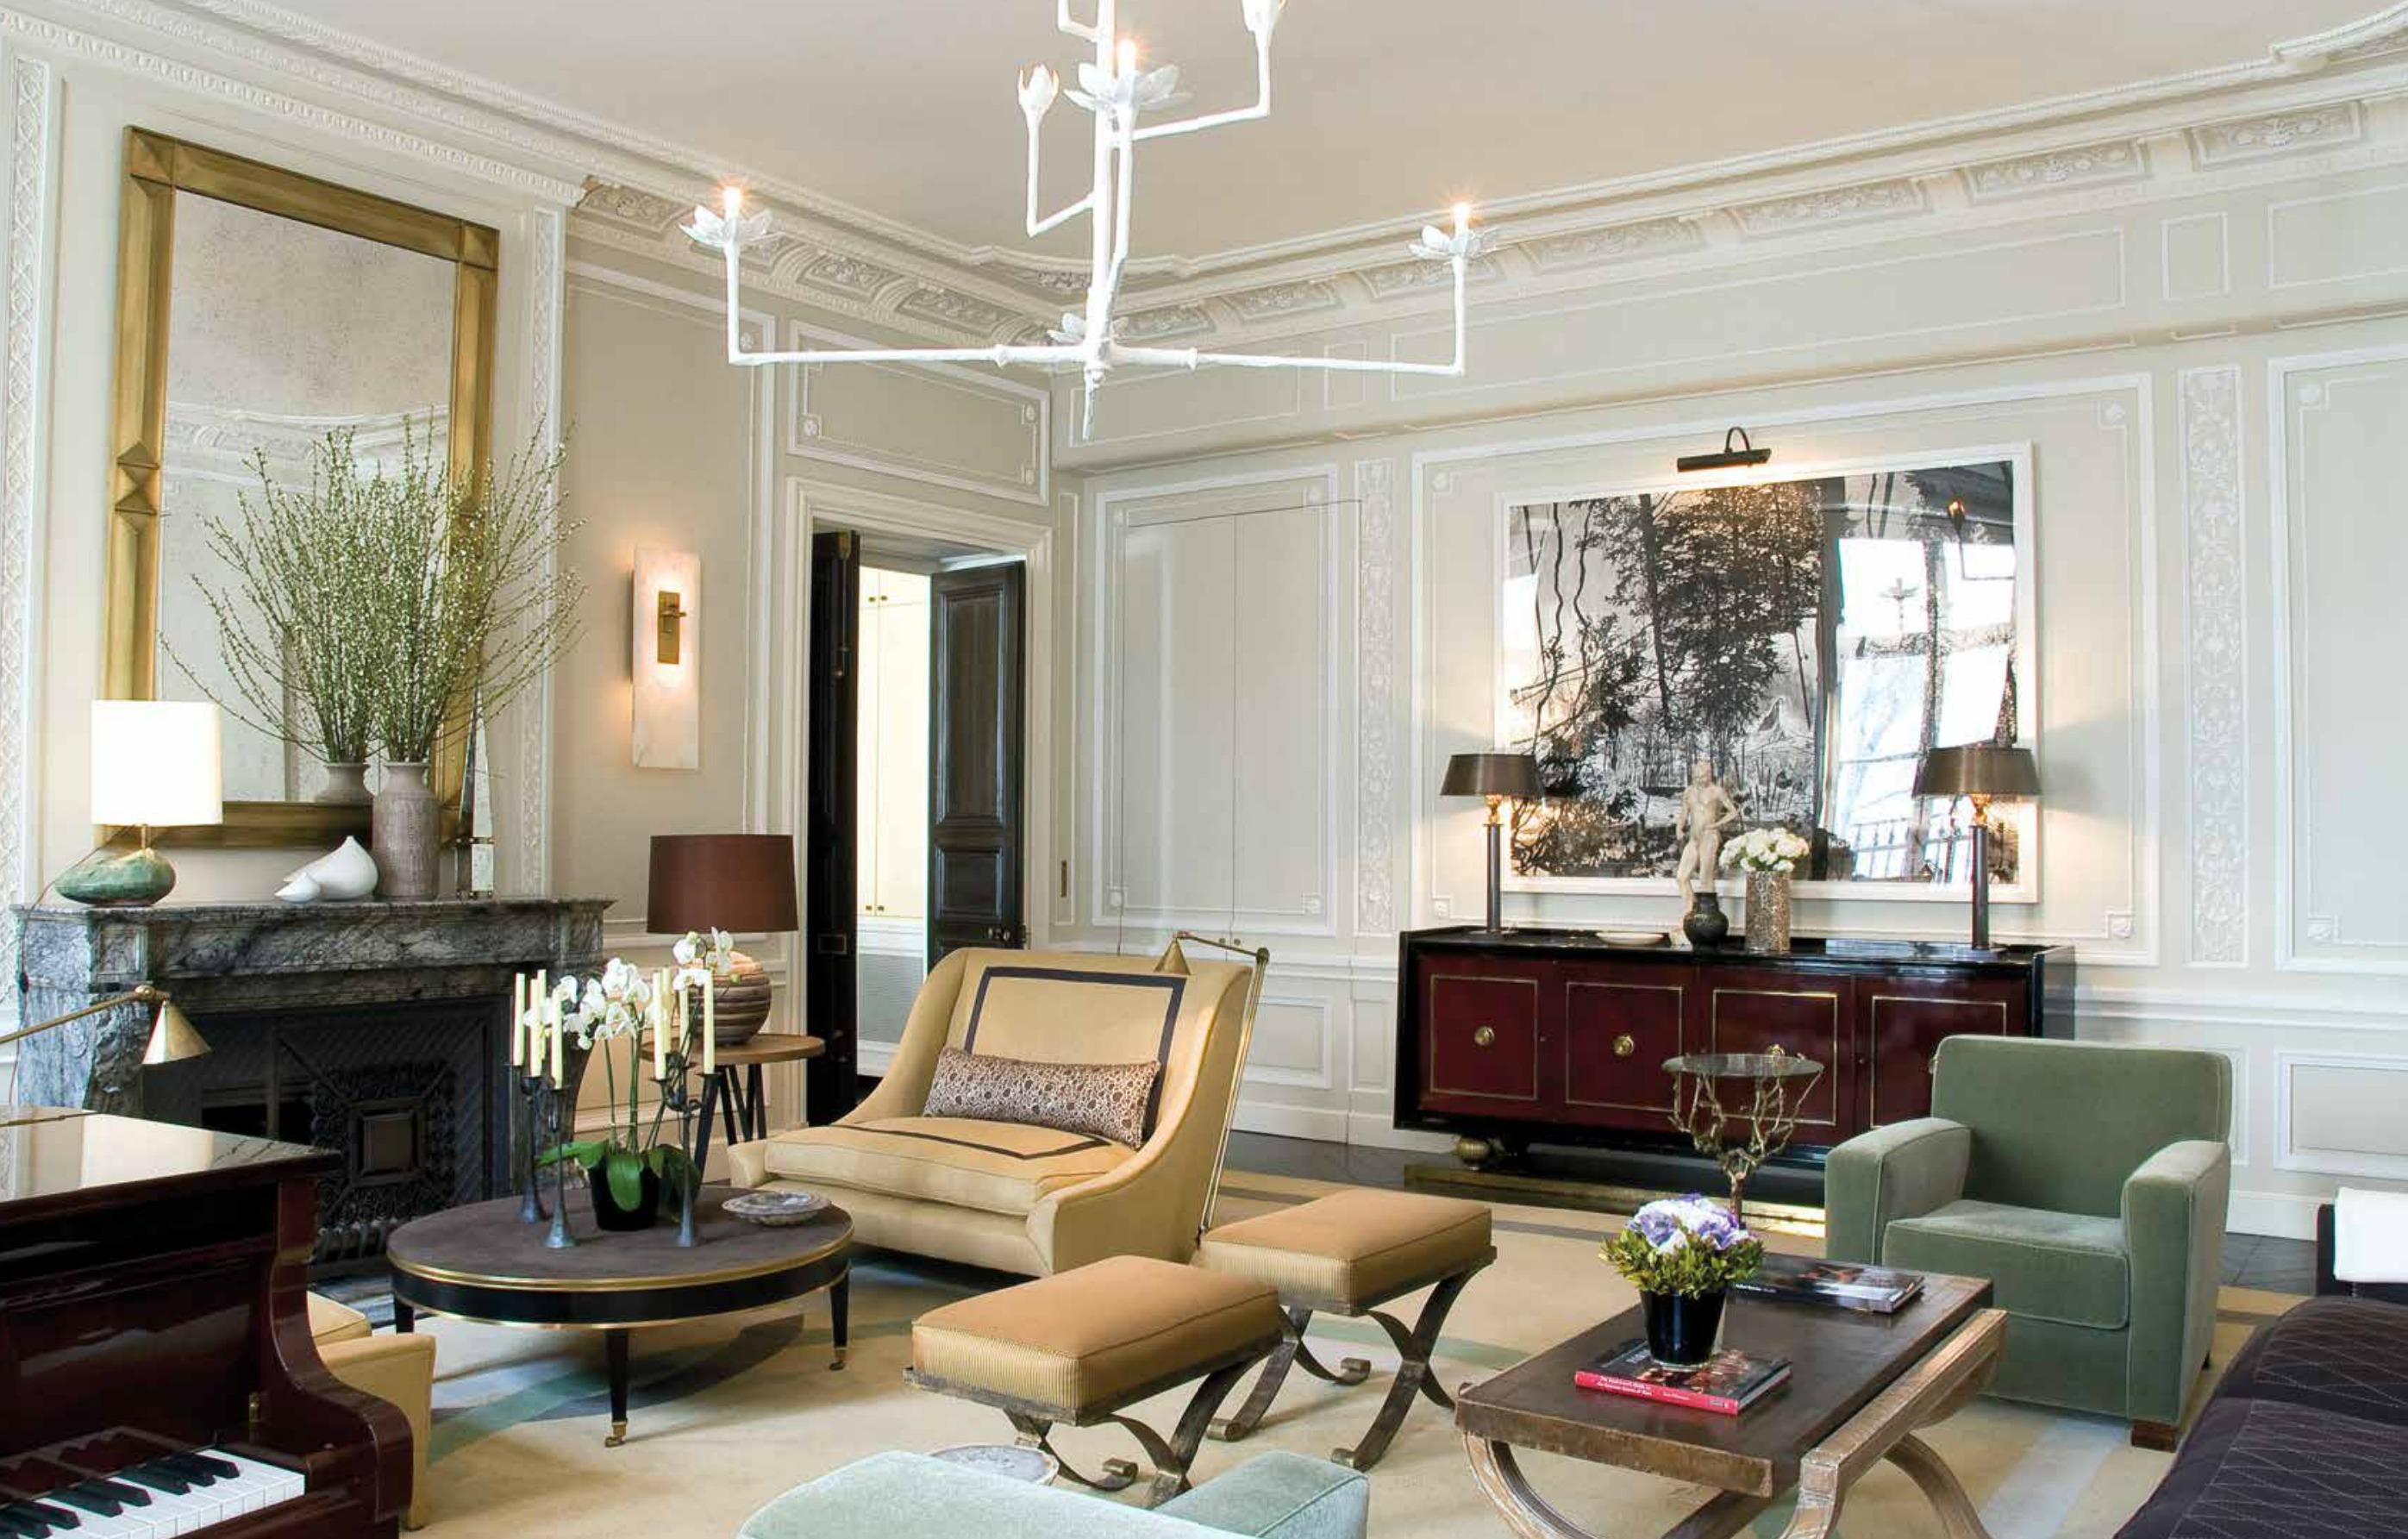 Ristrutturare un appartamento in stile casual chic for Ristrutturare un appartamento